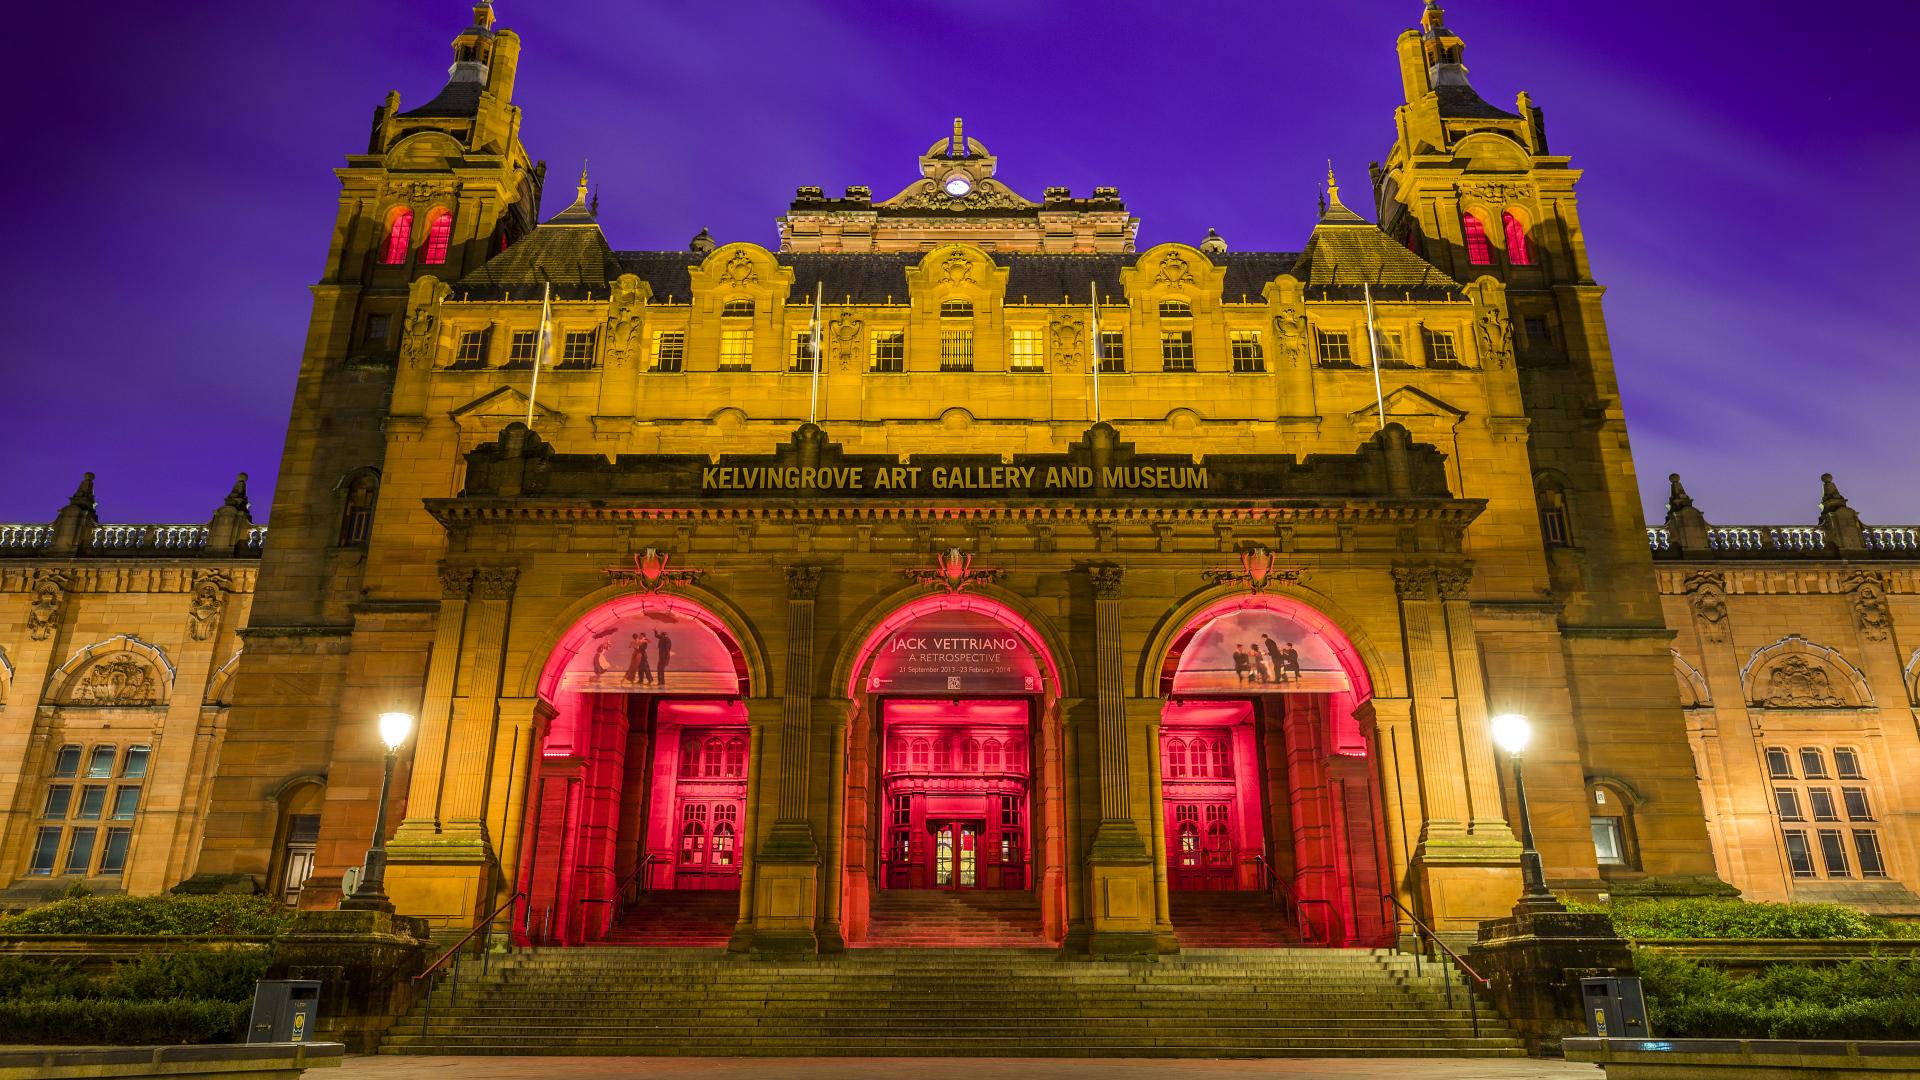 Художественная галерея и музей Келвингроув, Шотландия Обои ...